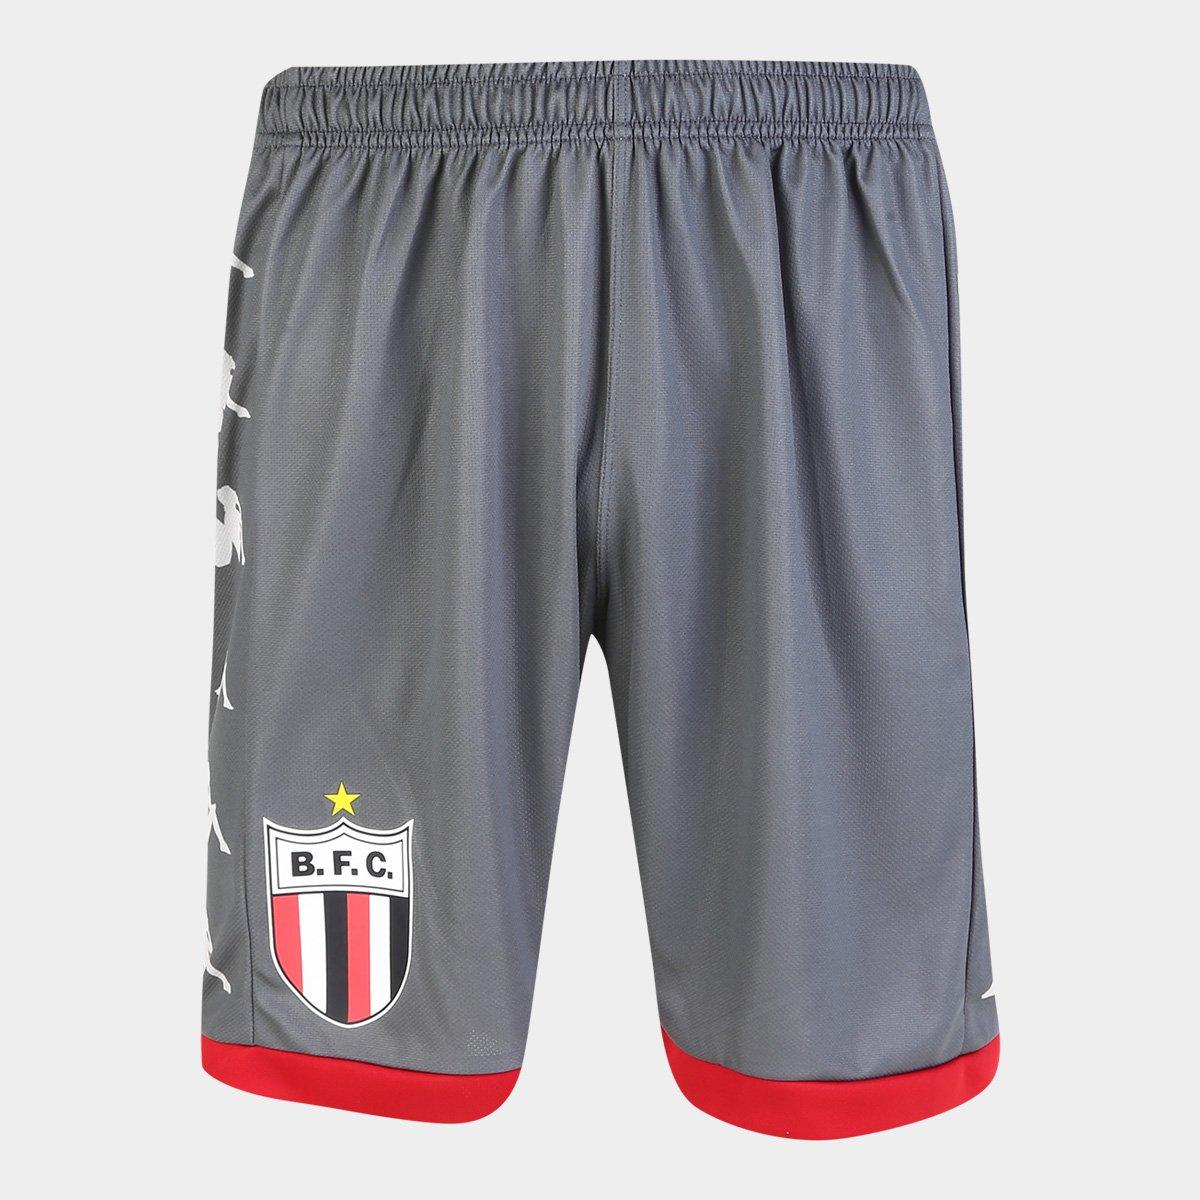 35db6091cd83d Calção Botafogo FC 18 19 Treino Kappa Masculino